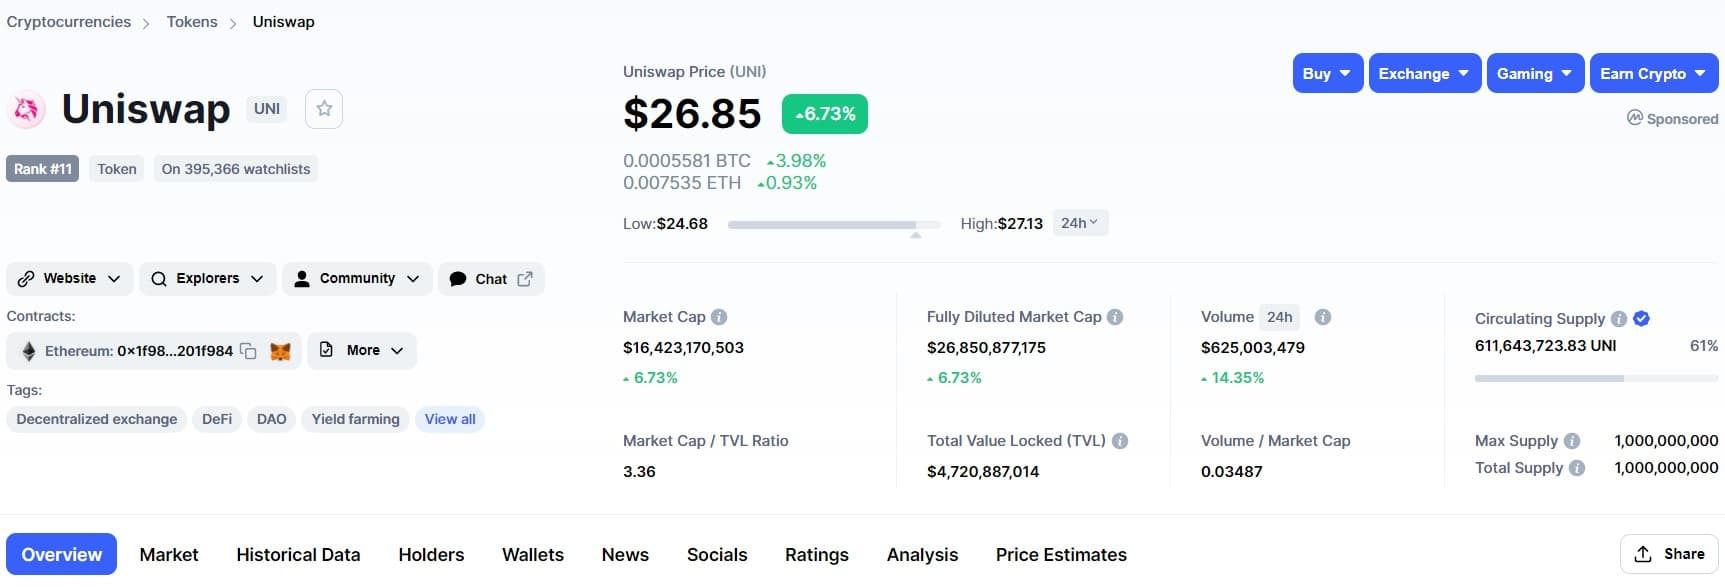 uniswap price